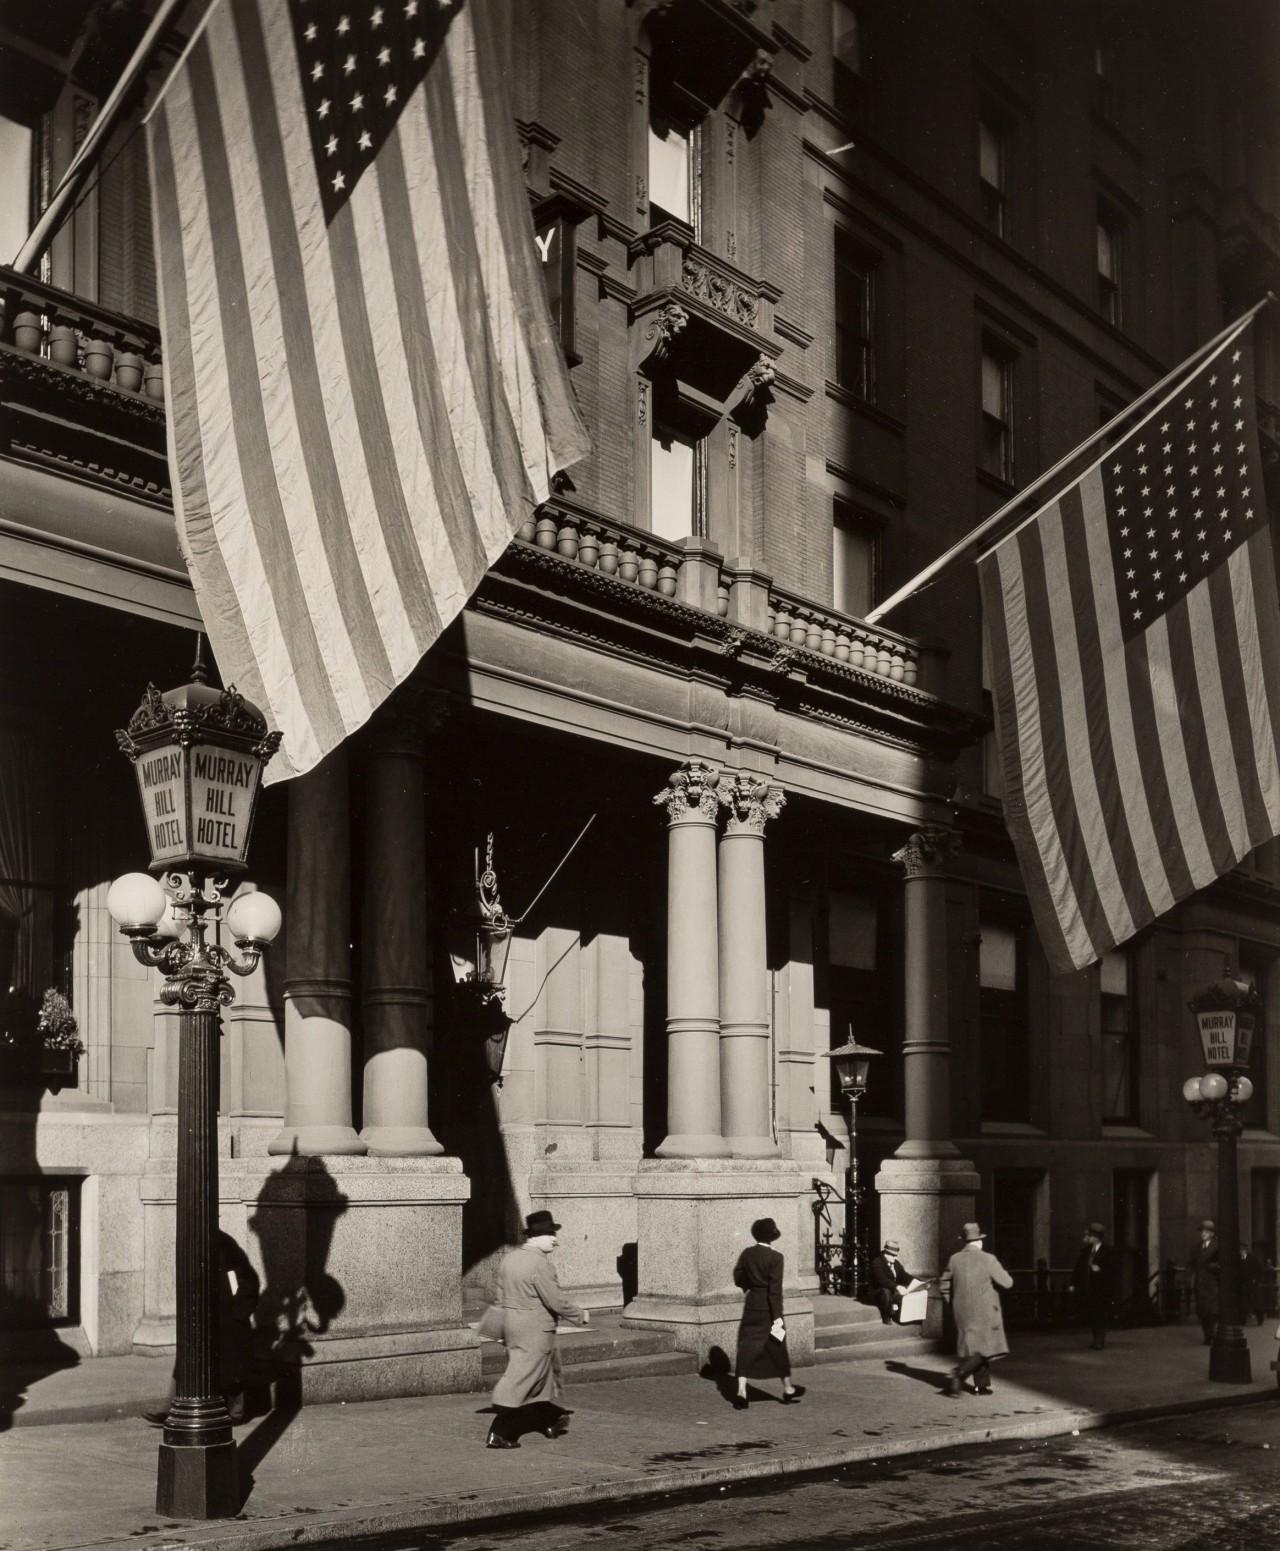 Отель Мюррей Хилл, Парк-авеню, 19 ноября 1935. Автор Беренис Эббот